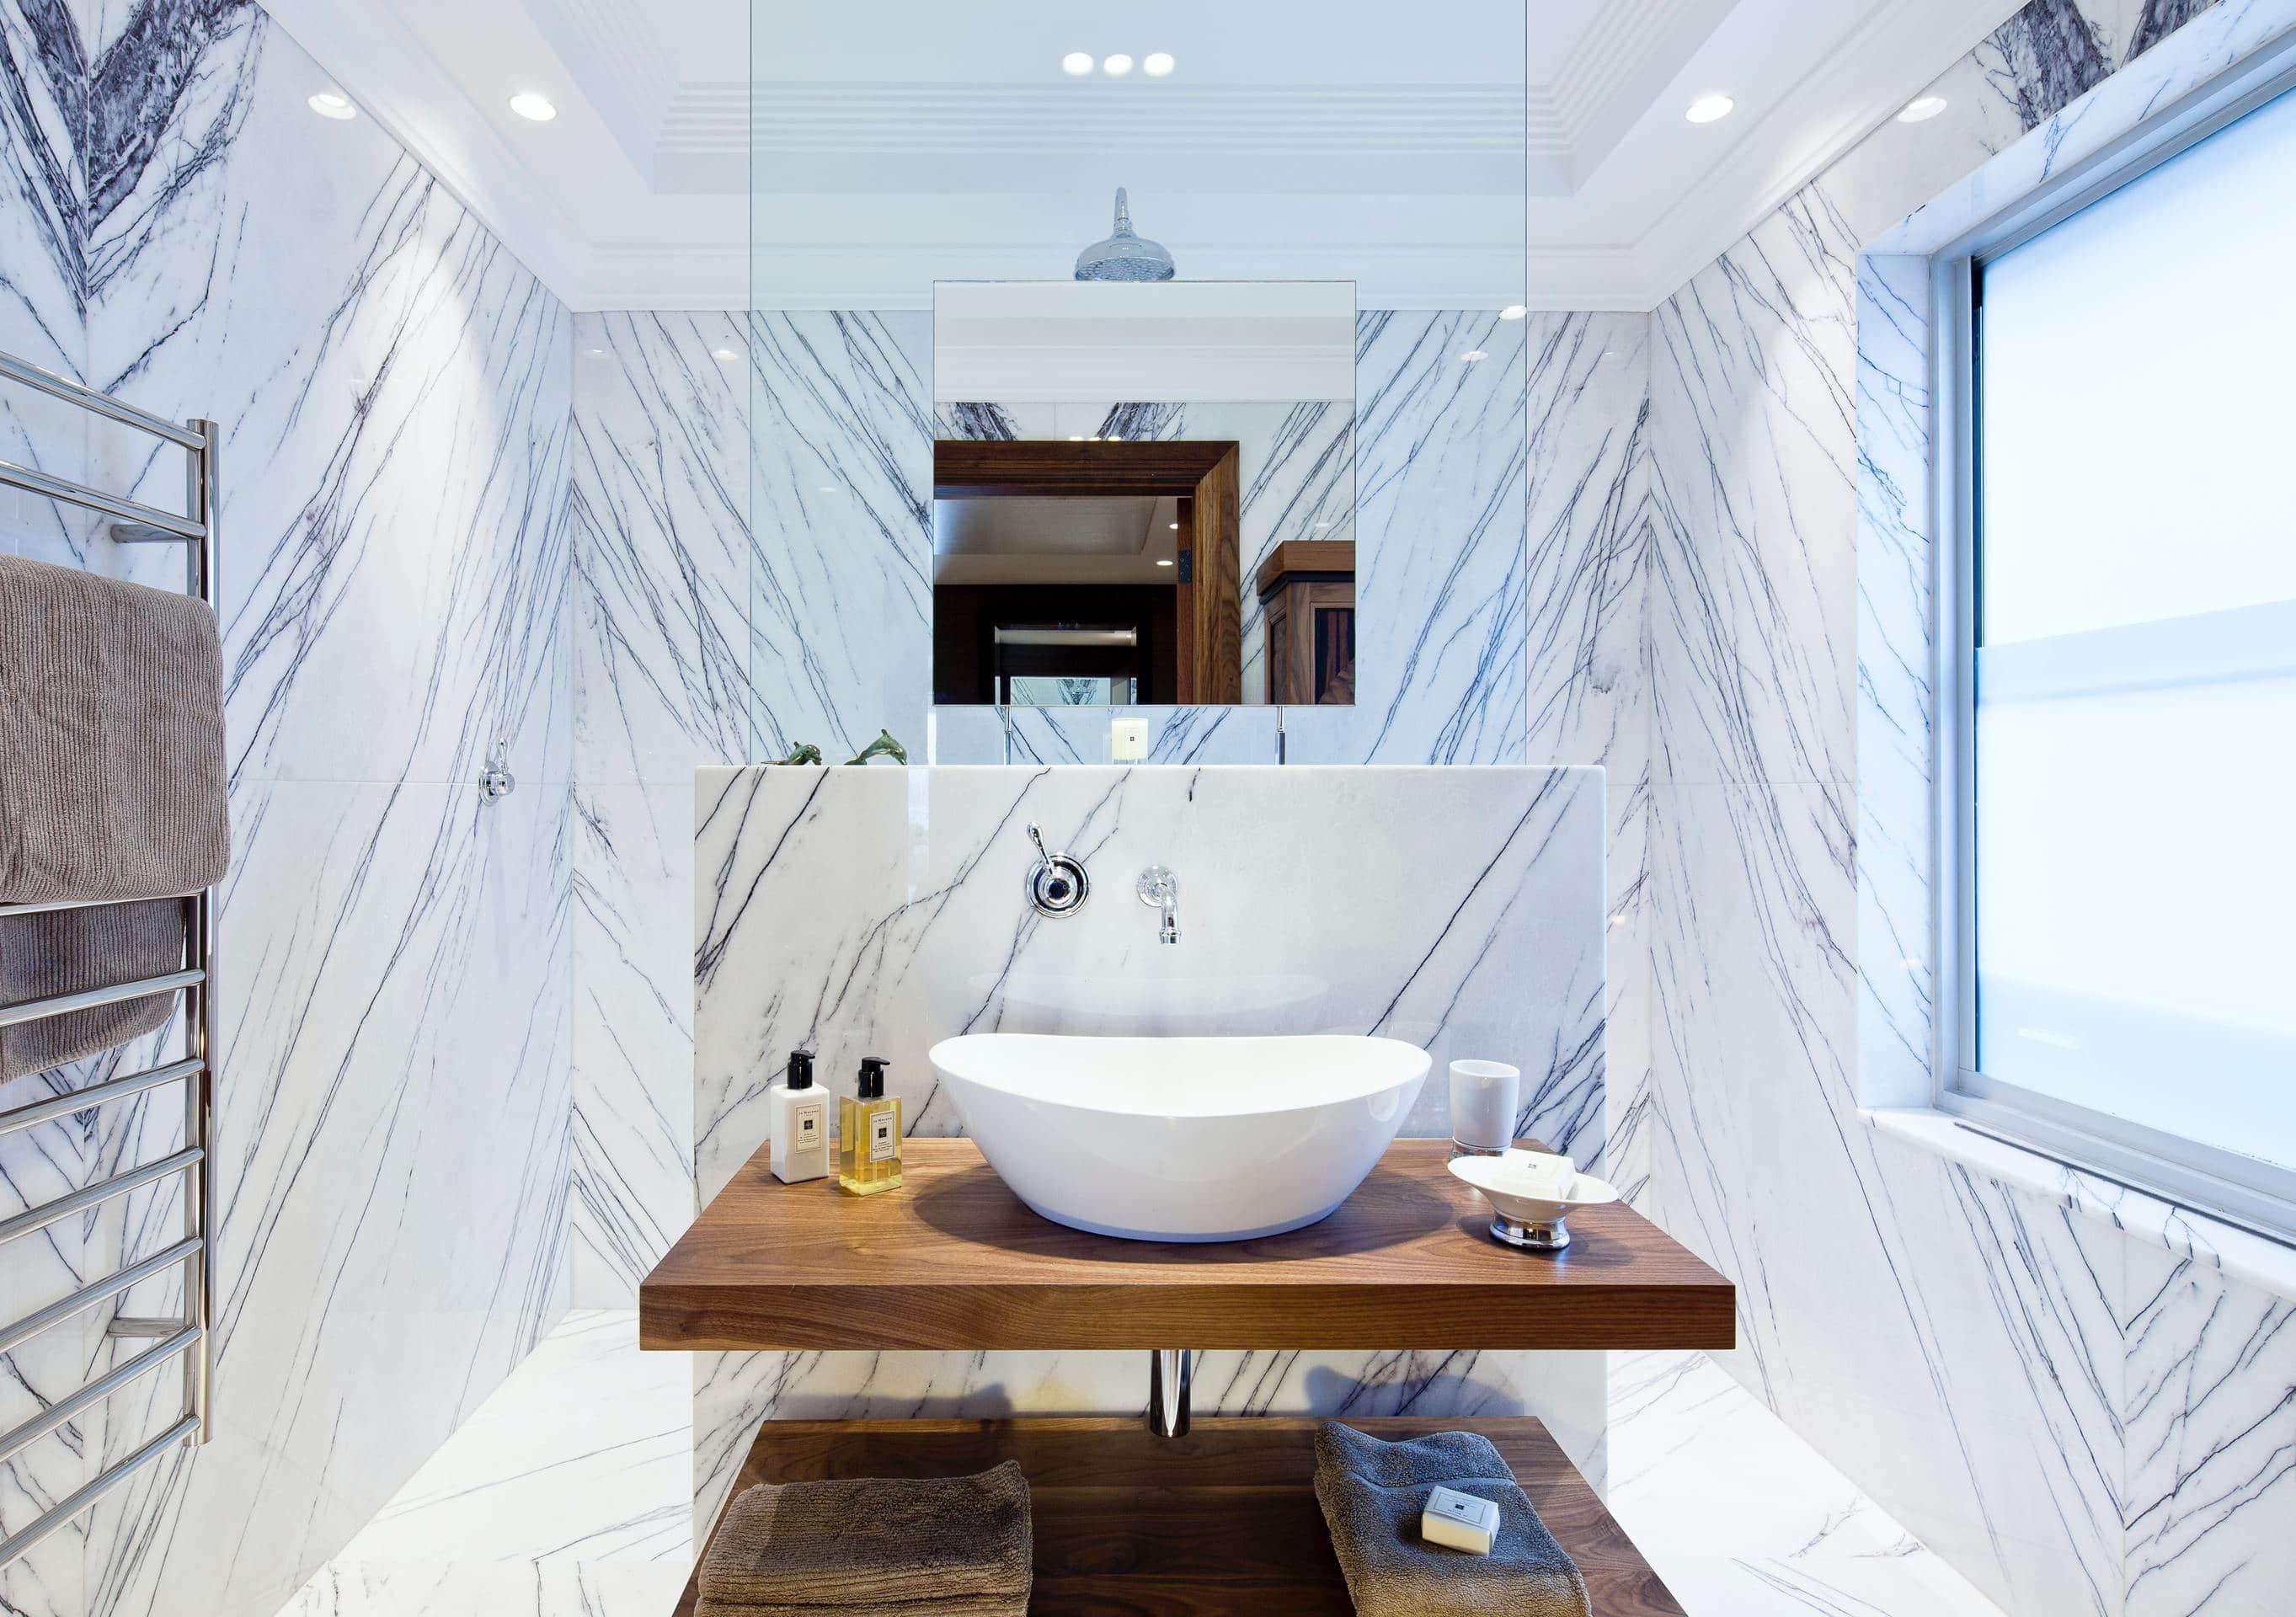 Toppmontert vask på badet